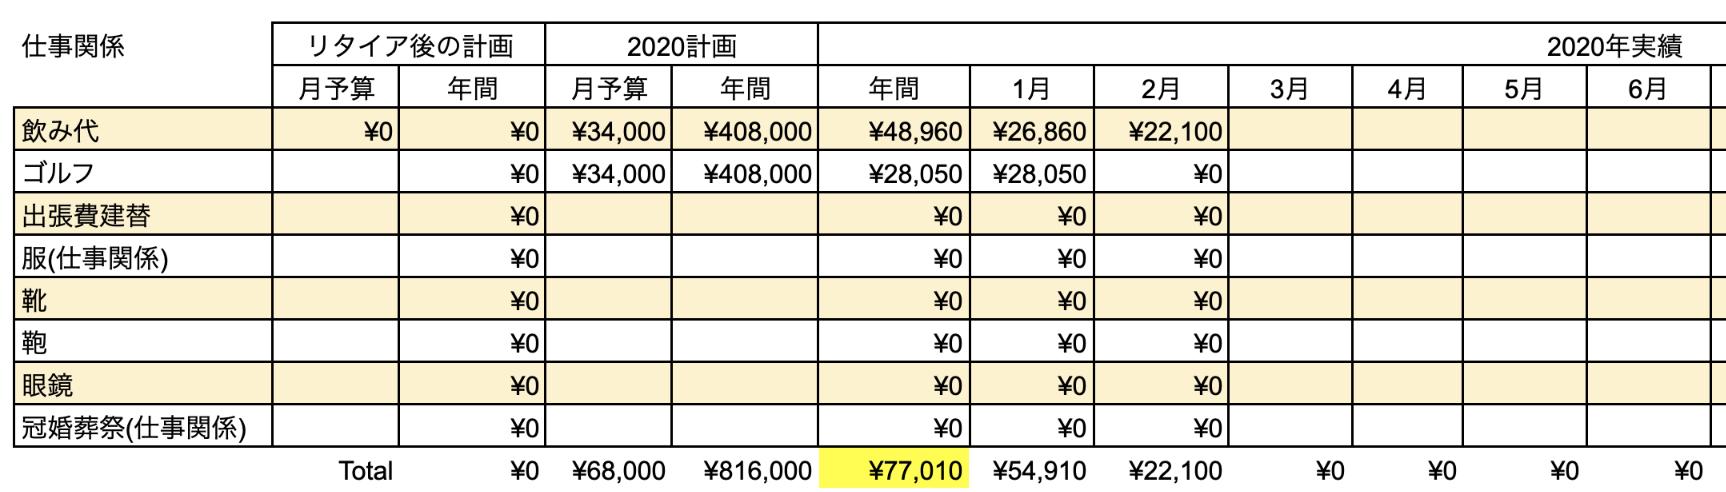 支出実績2020_02月_仕事関係費